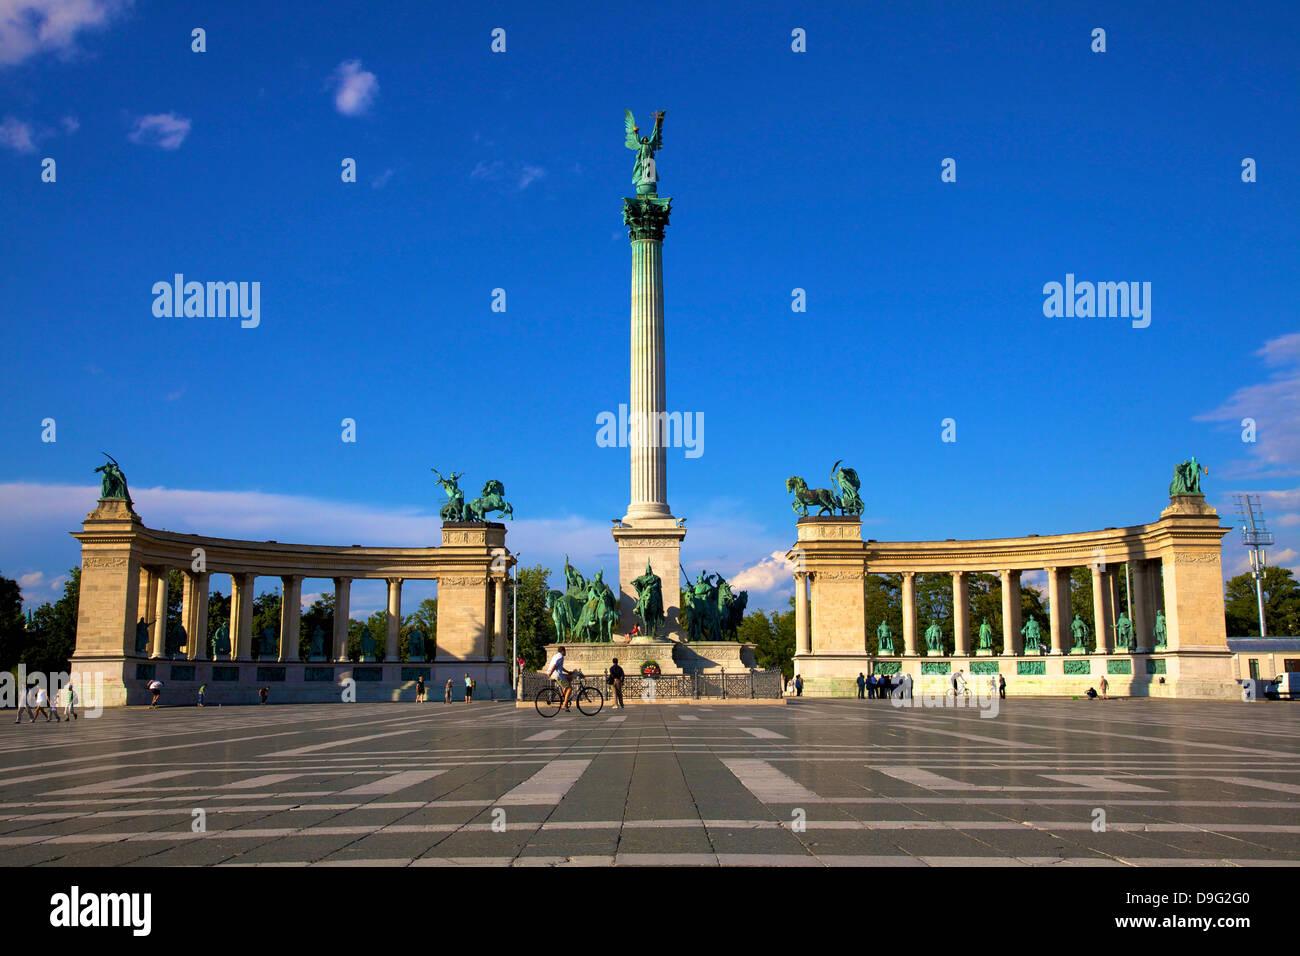 Monumento del Milenio, la Plaza de los Héroes, Budapest, Hungría Imagen De Stock